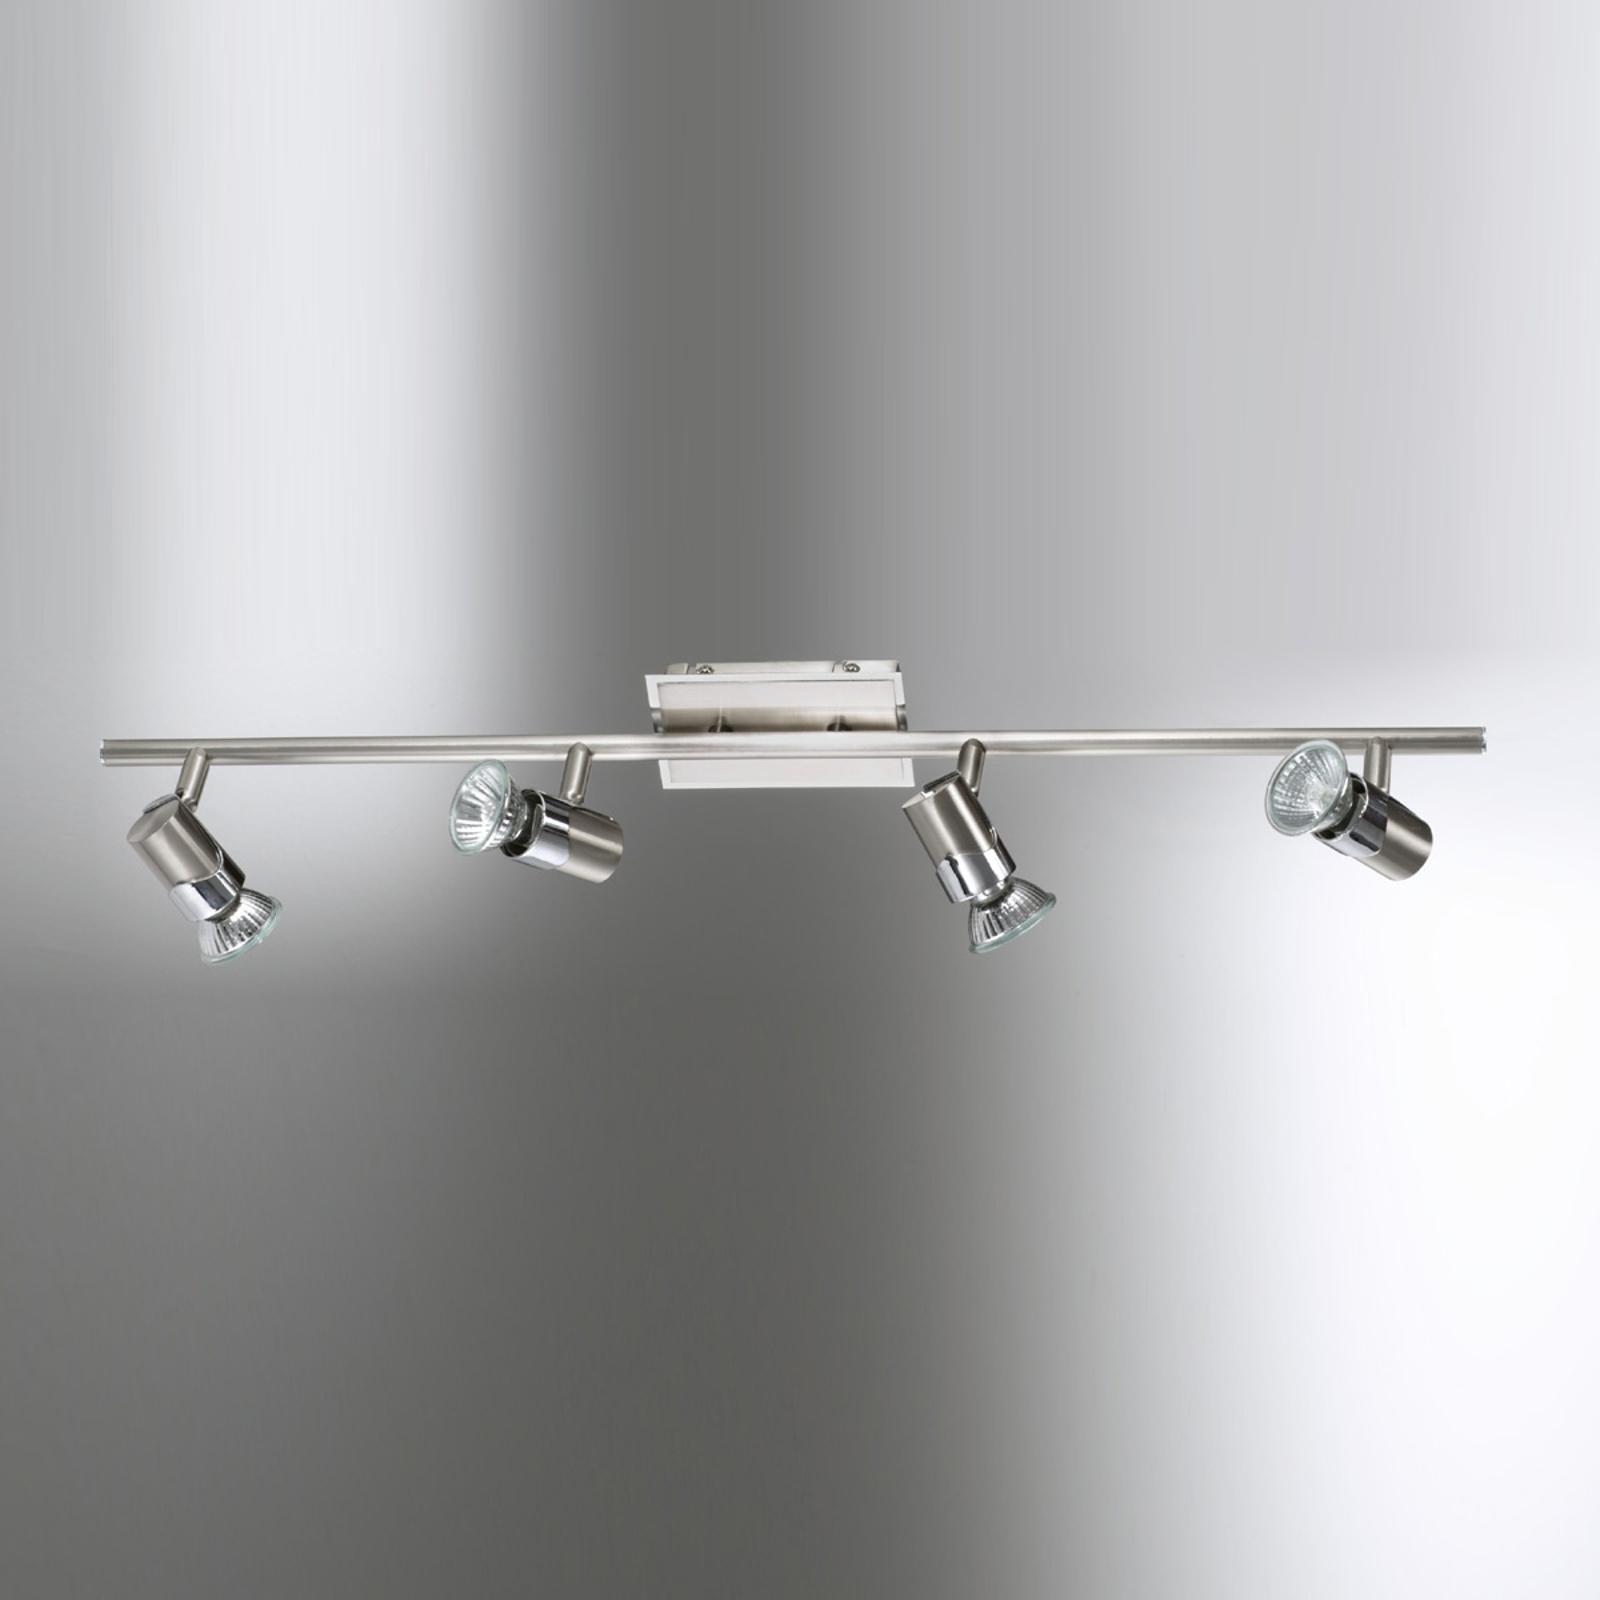 Plafondlamp ALICE in modern design